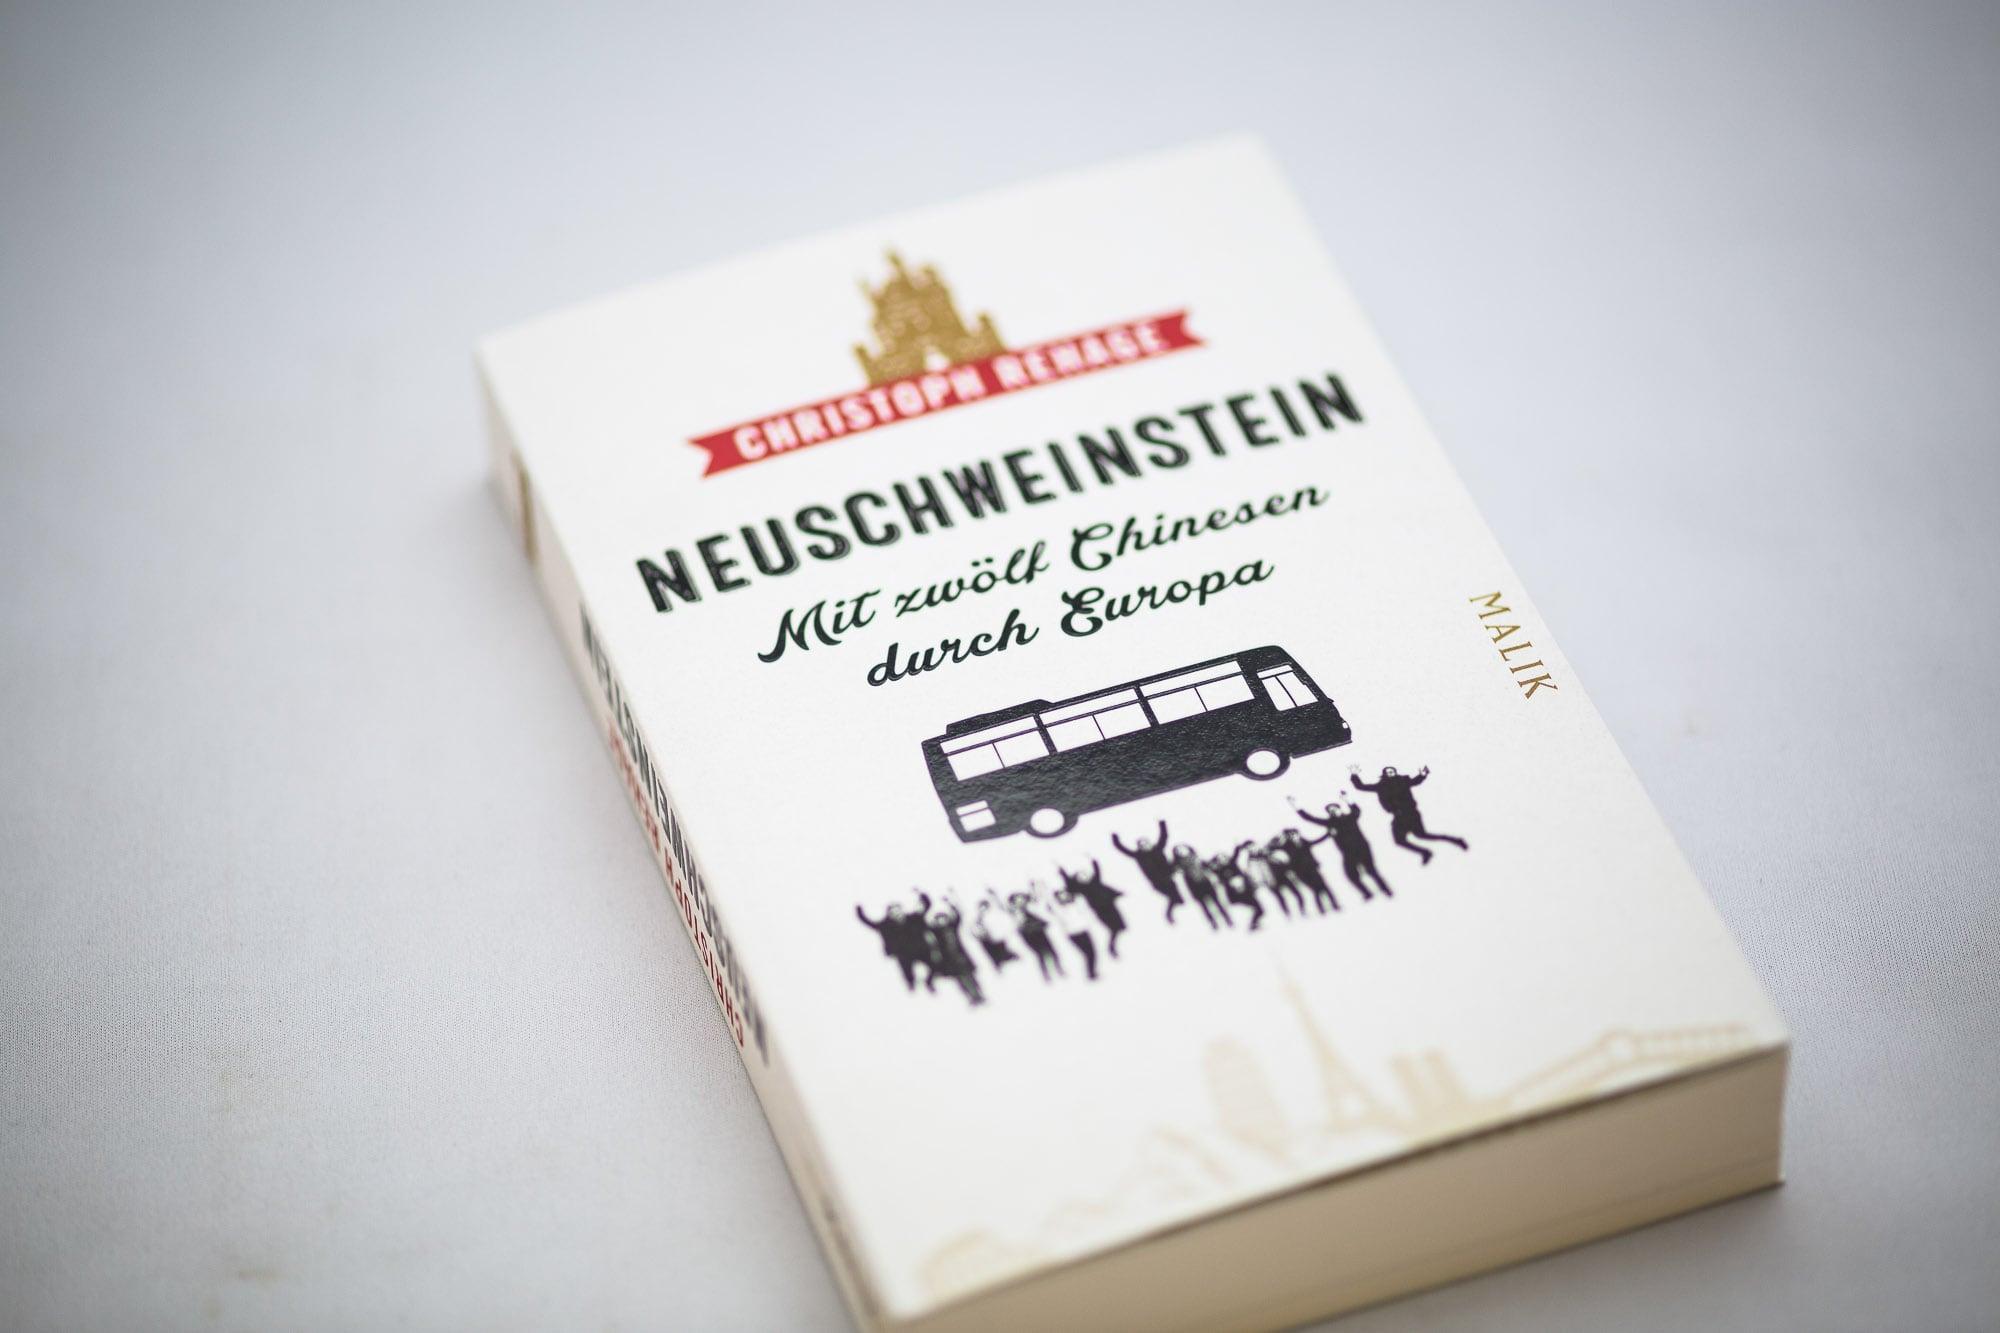 Neuschweinstein book